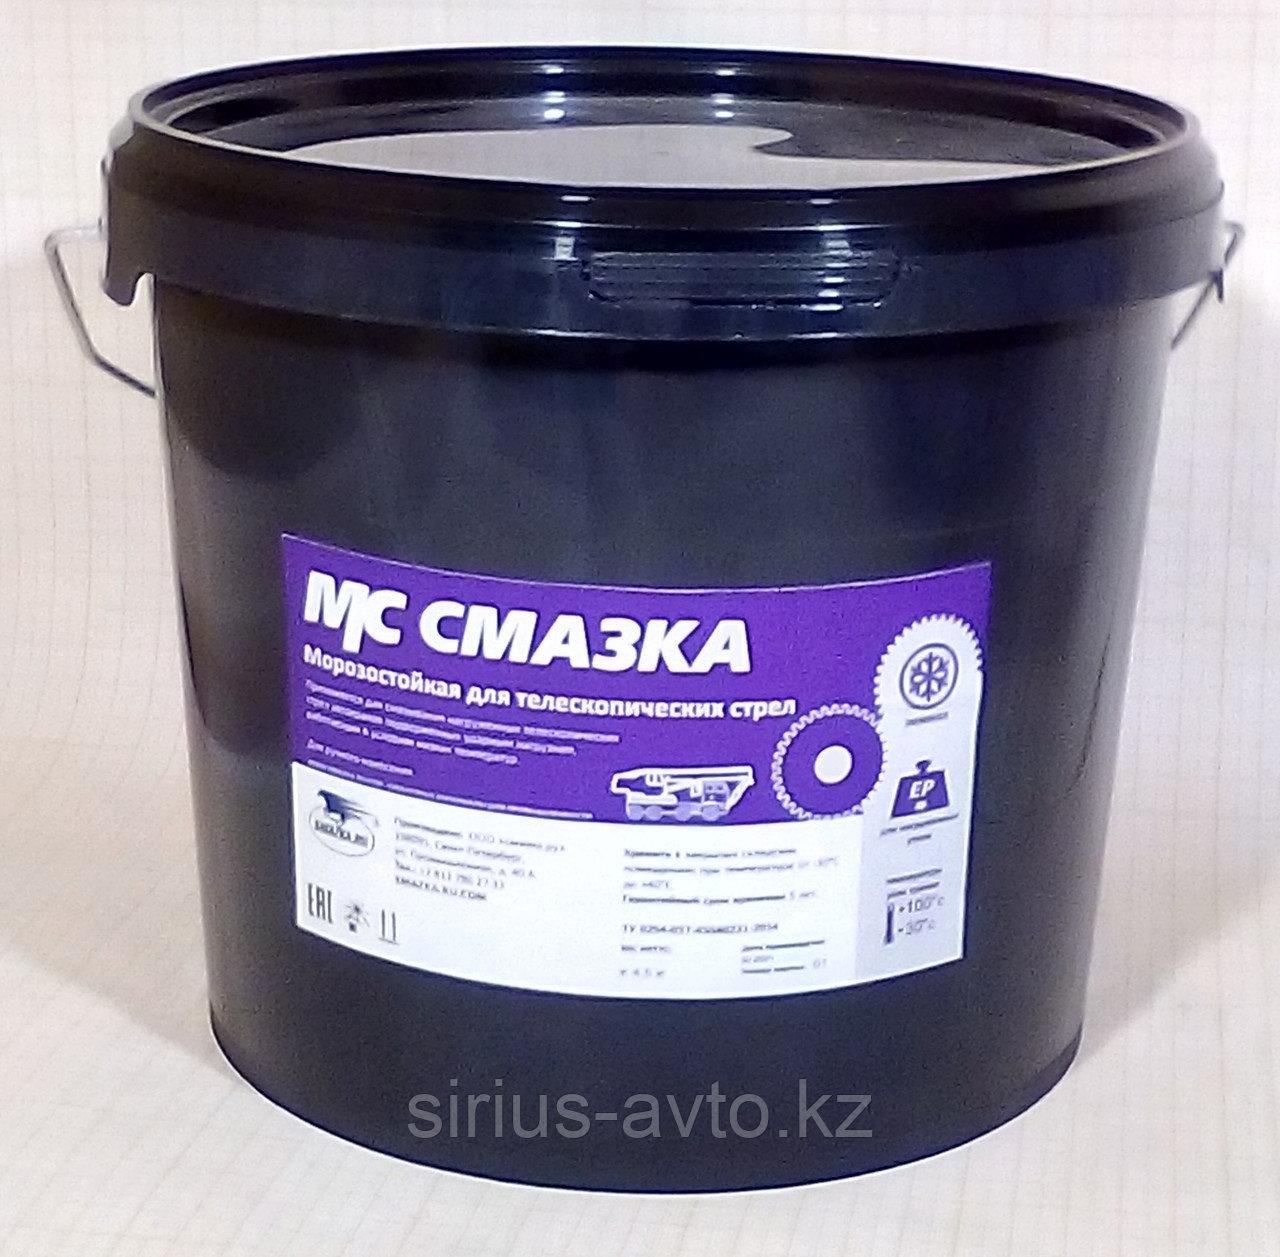 Смазка.ру Смазка для телескопических стрел, ведро 4,5 кг (зимняя)